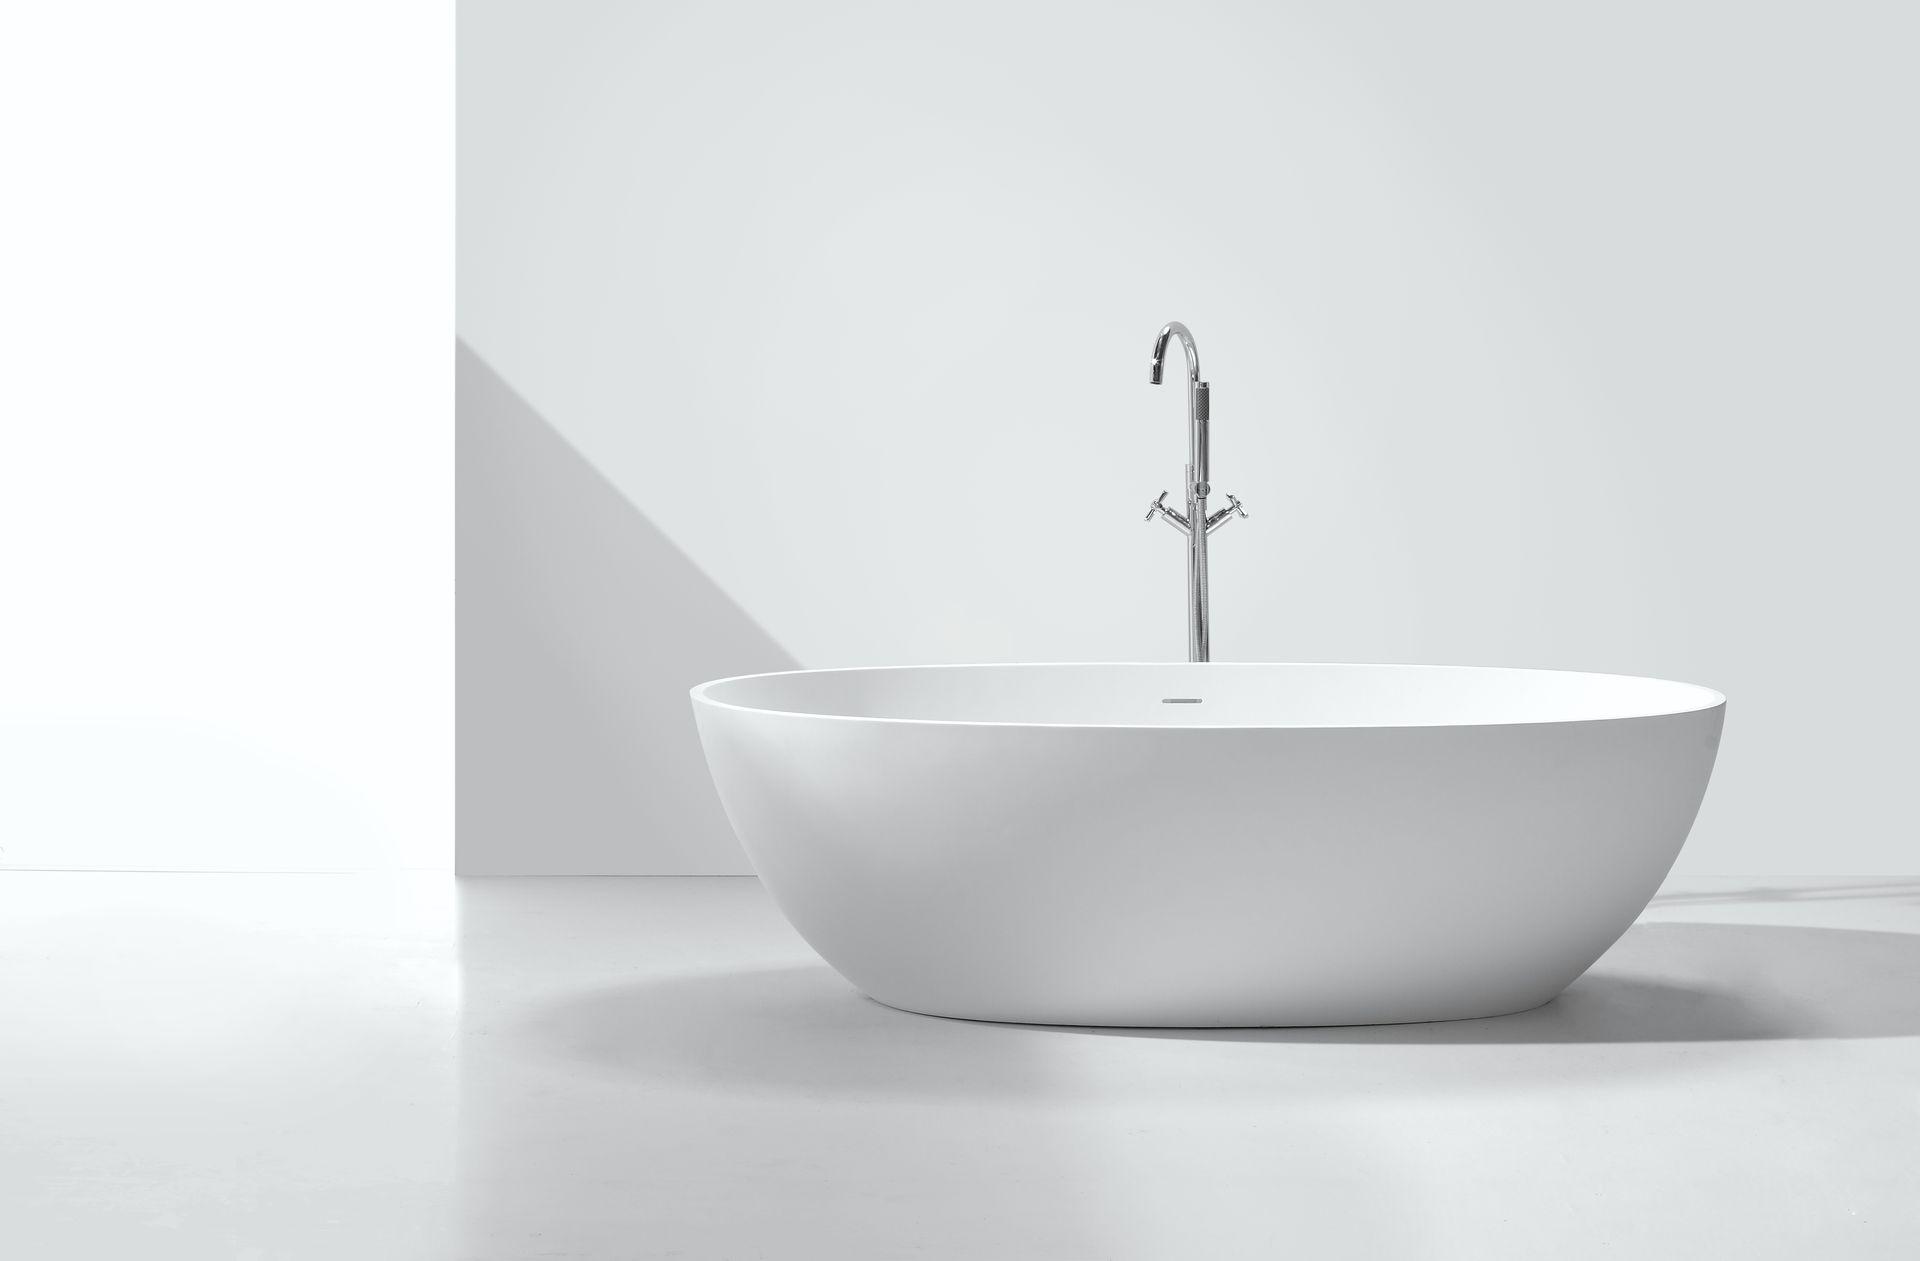 Mineralguss badewanne ductilo freistehend duschdeals for Badewanne freistehend mineralguss